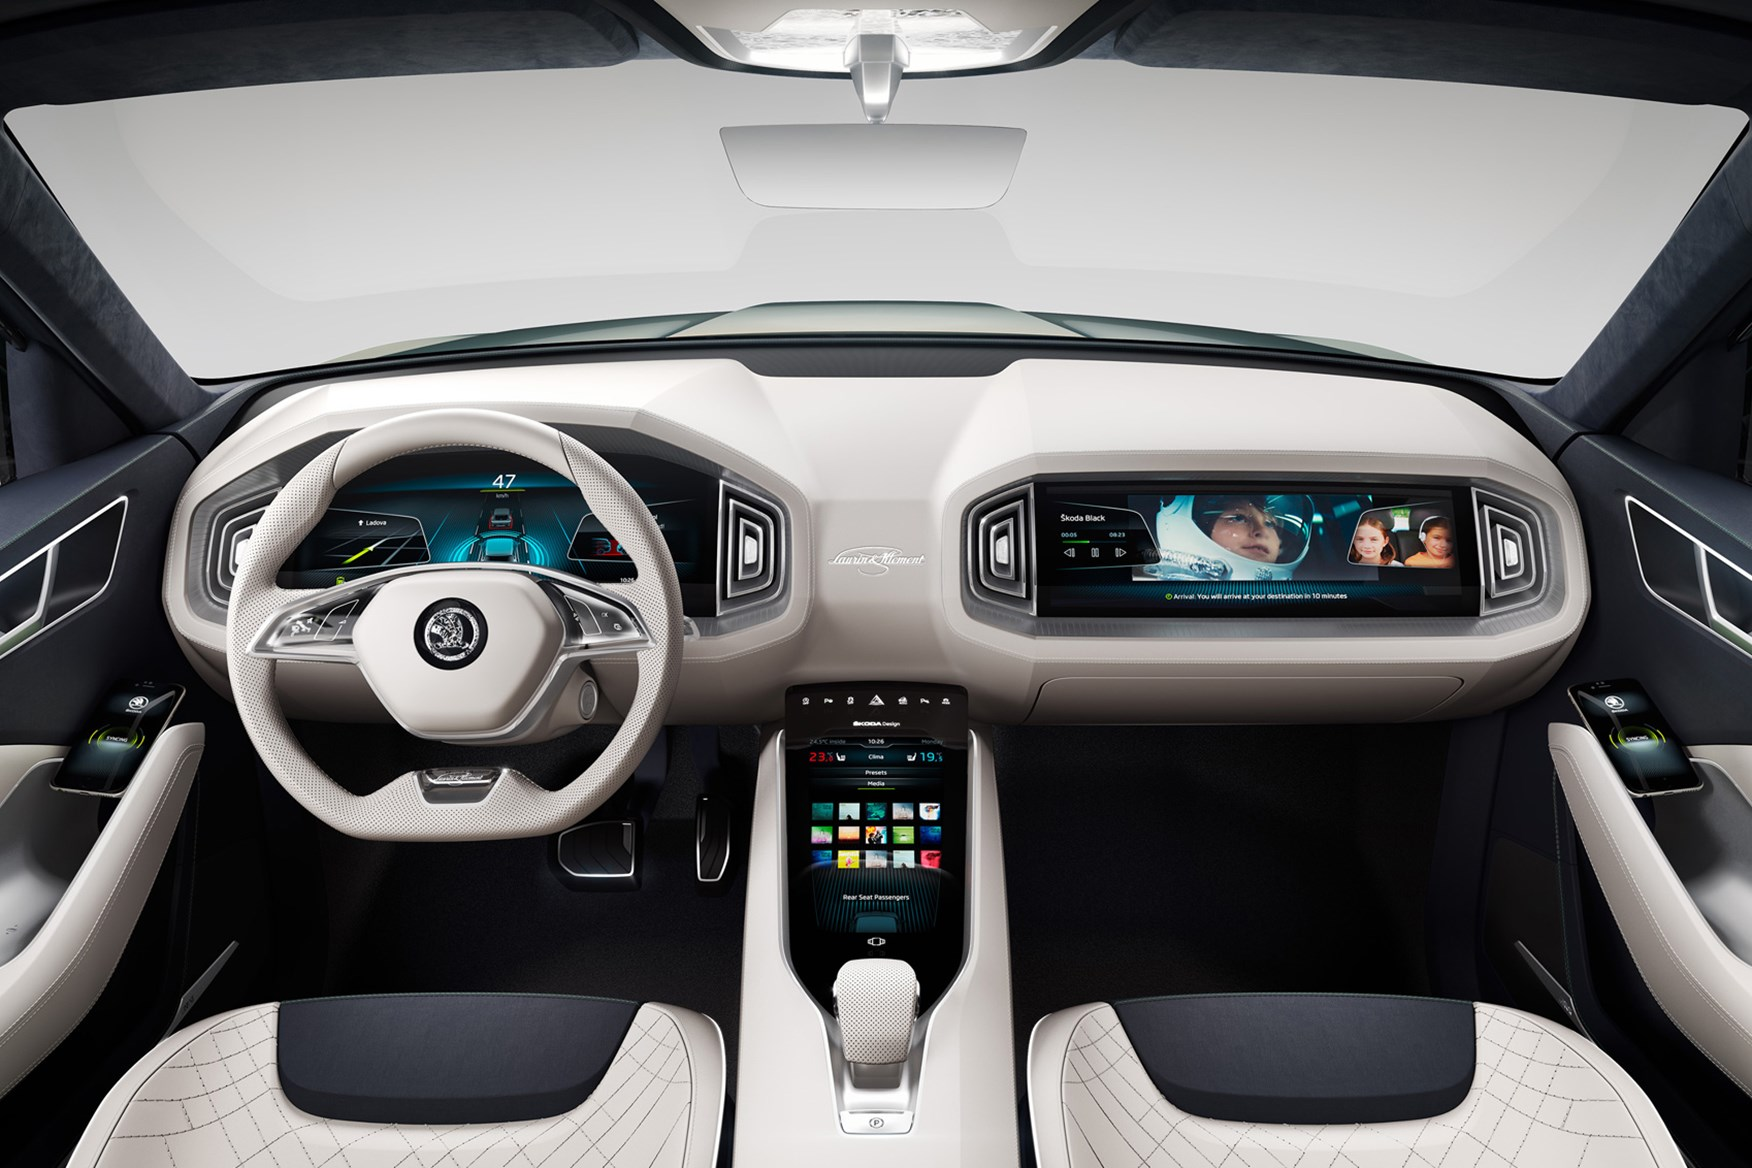 škoda vision d concept car 2013